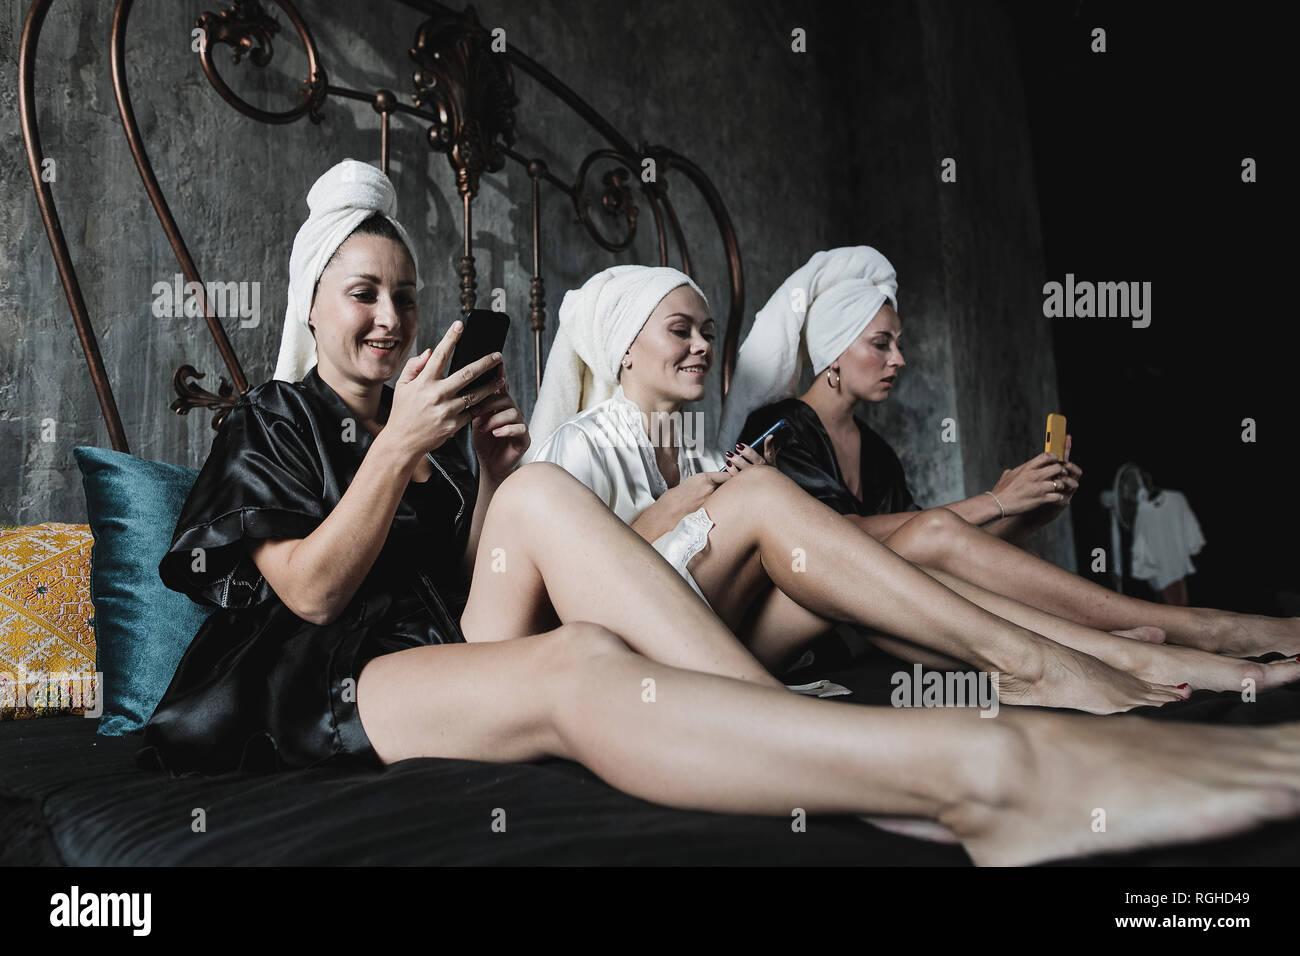 Tres mujeres con toallas alrededor de su cabeza en la cama usando celulares Foto de stock